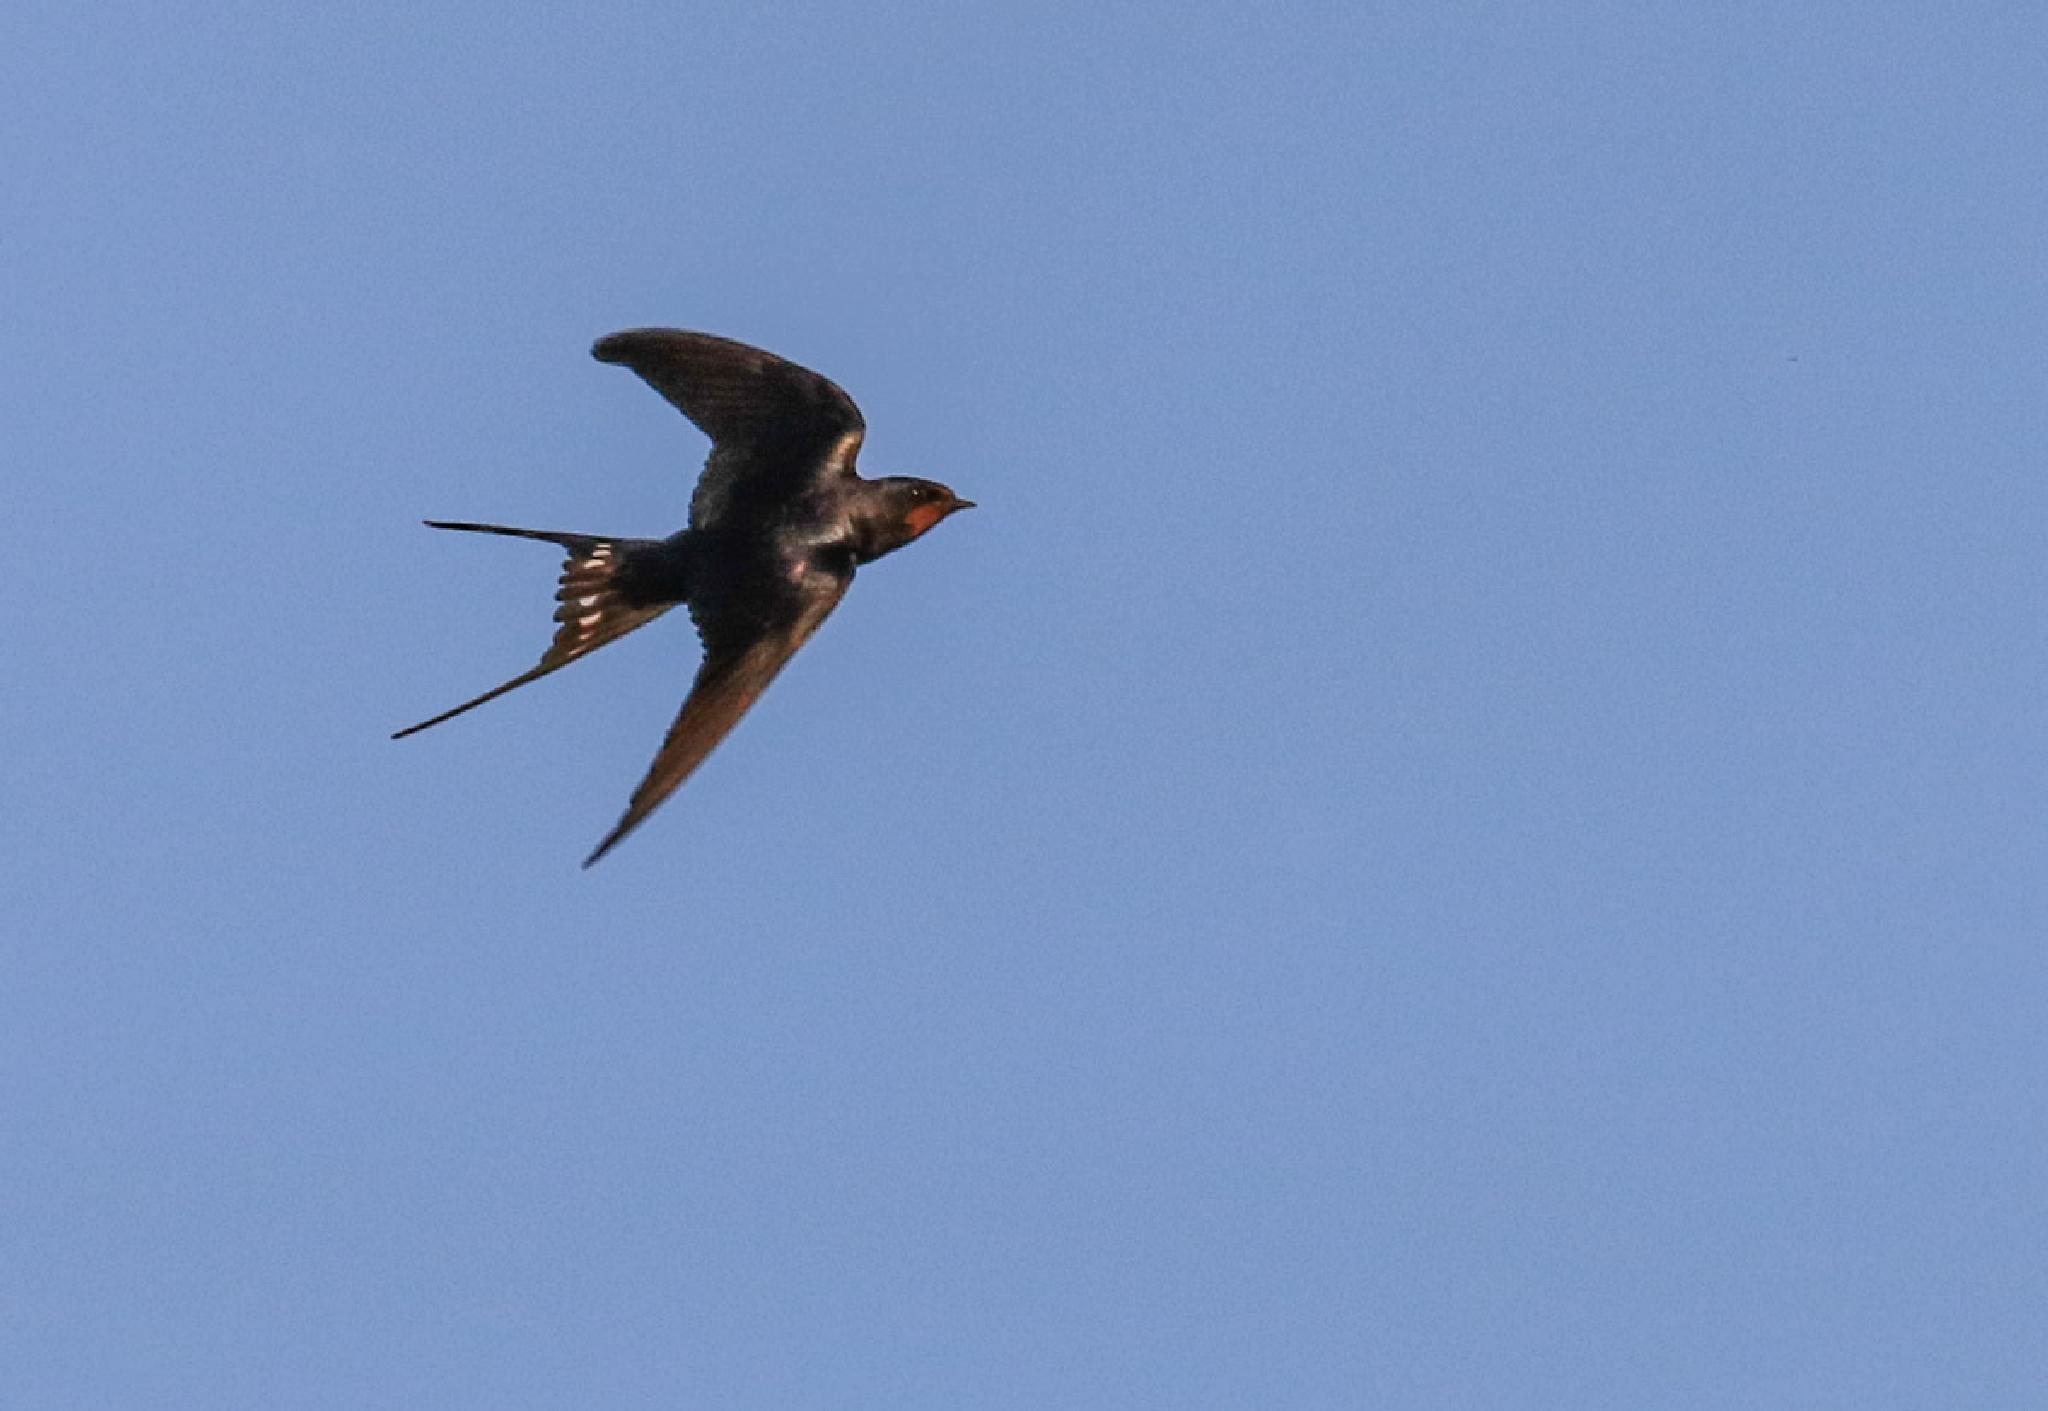 Swallow in flight by MarkBriscoe